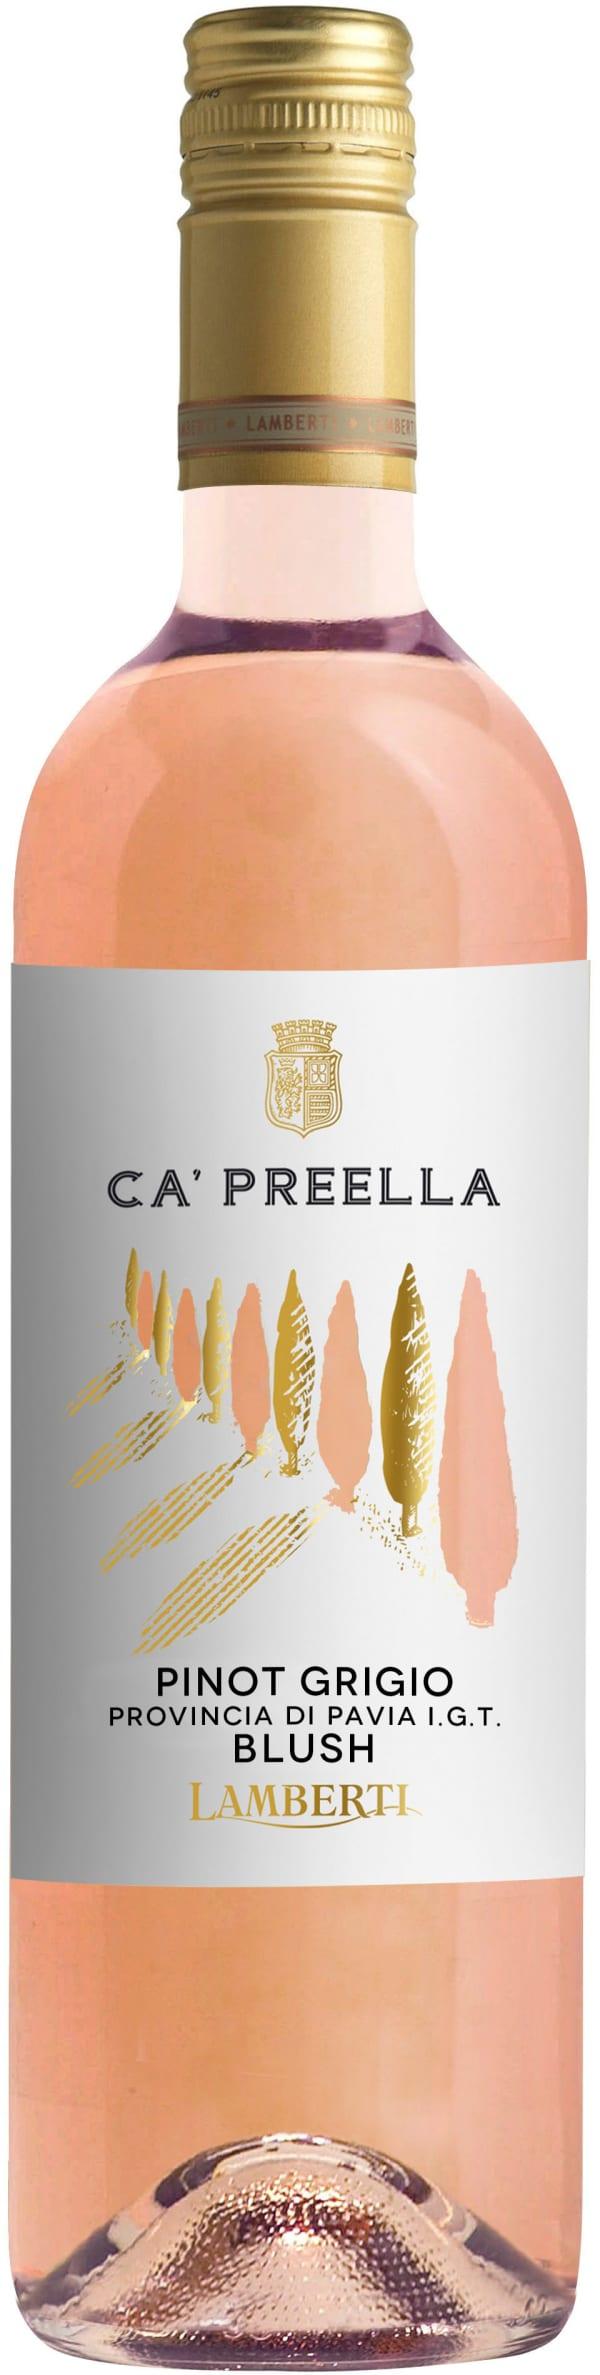 Lamberti Ca' Preella Pinot Grigio Blush 2018